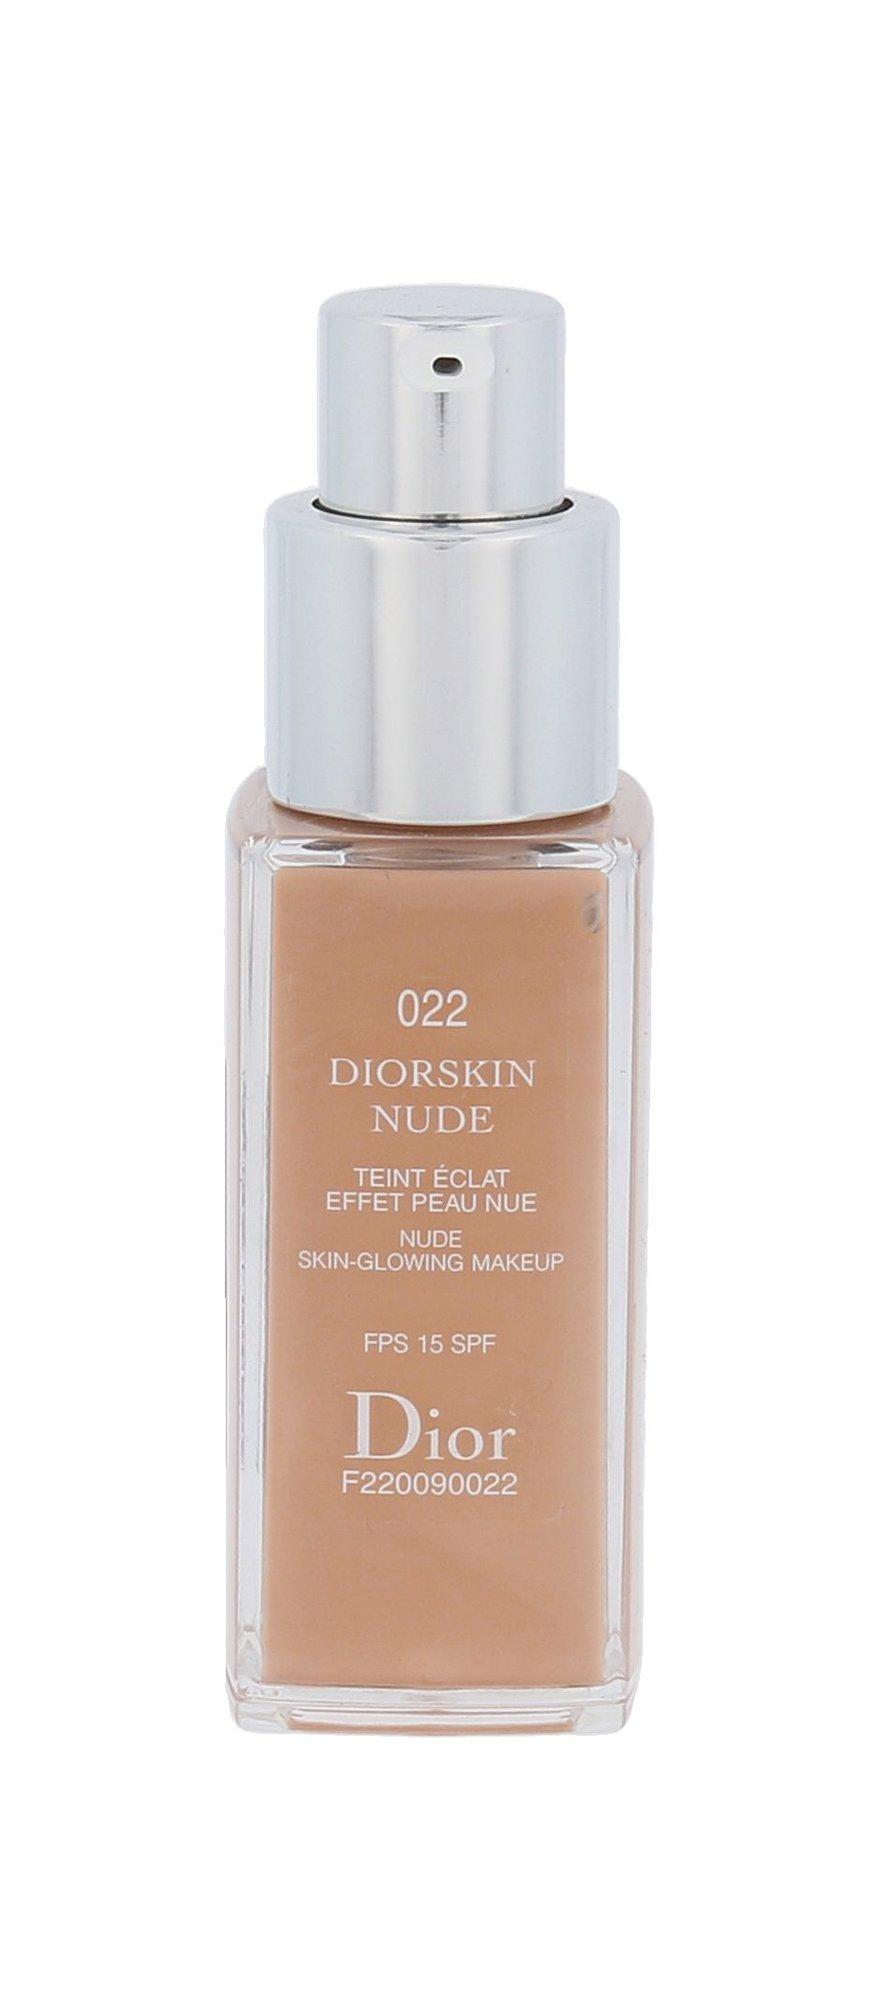 Christian Dior Diorskin Nude Cosmetic 20ml 022 Cameo